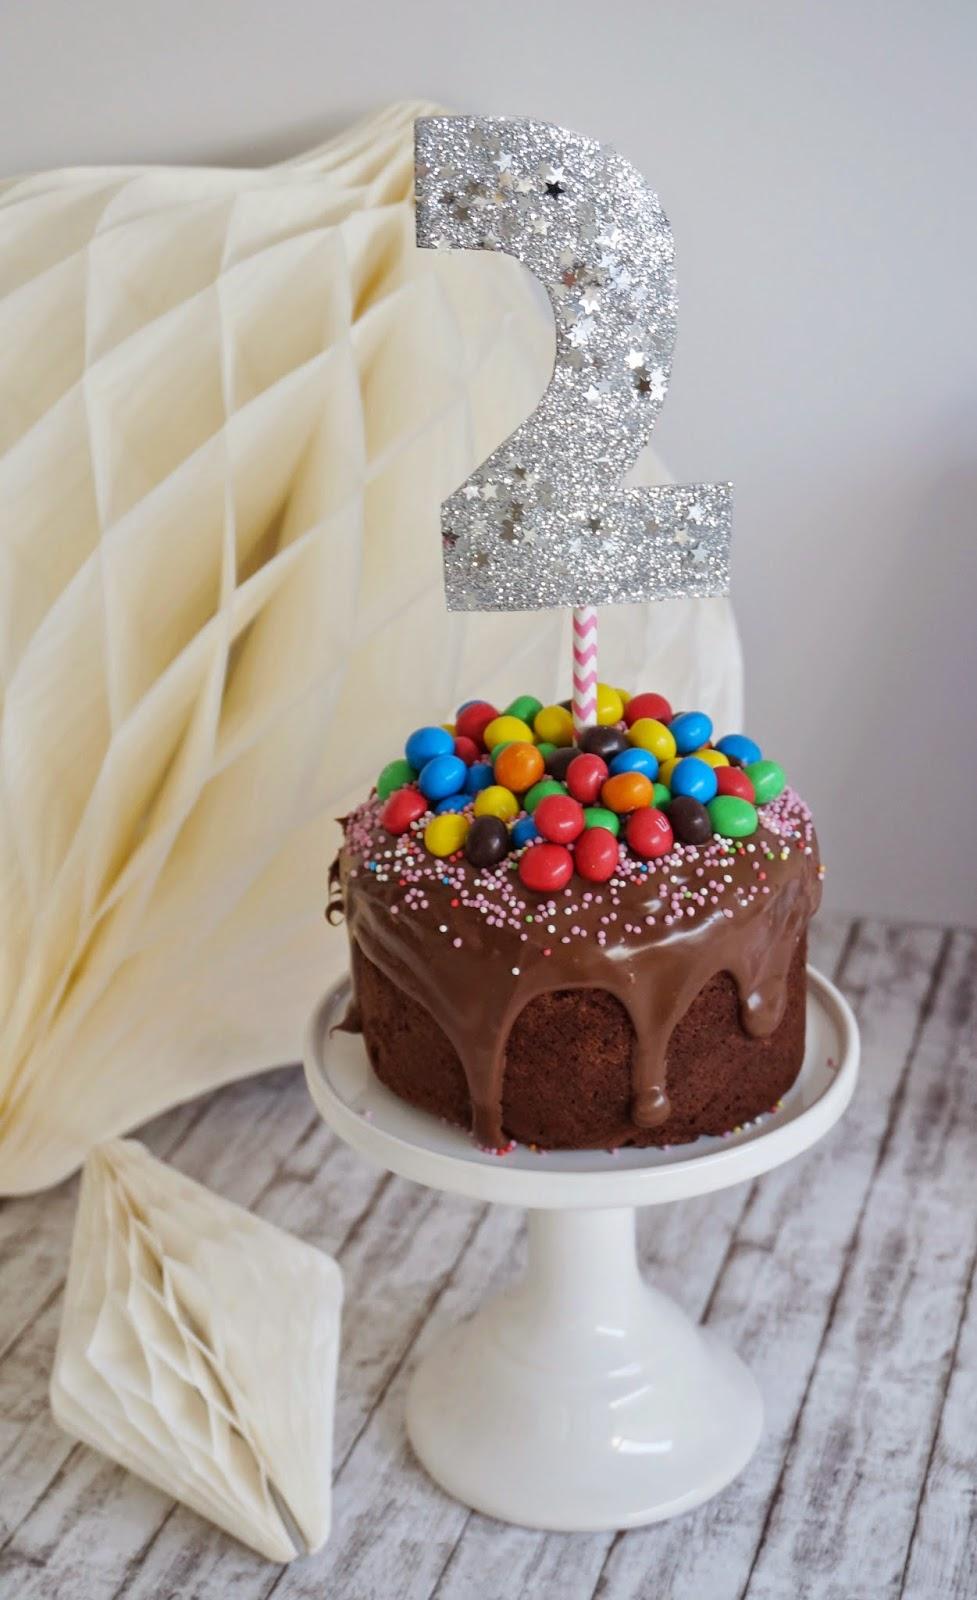 Nutella Cake, Nutella Kuchen, Nutellatorte, Nutella Torte, m&m cake, m&m Kuchen,